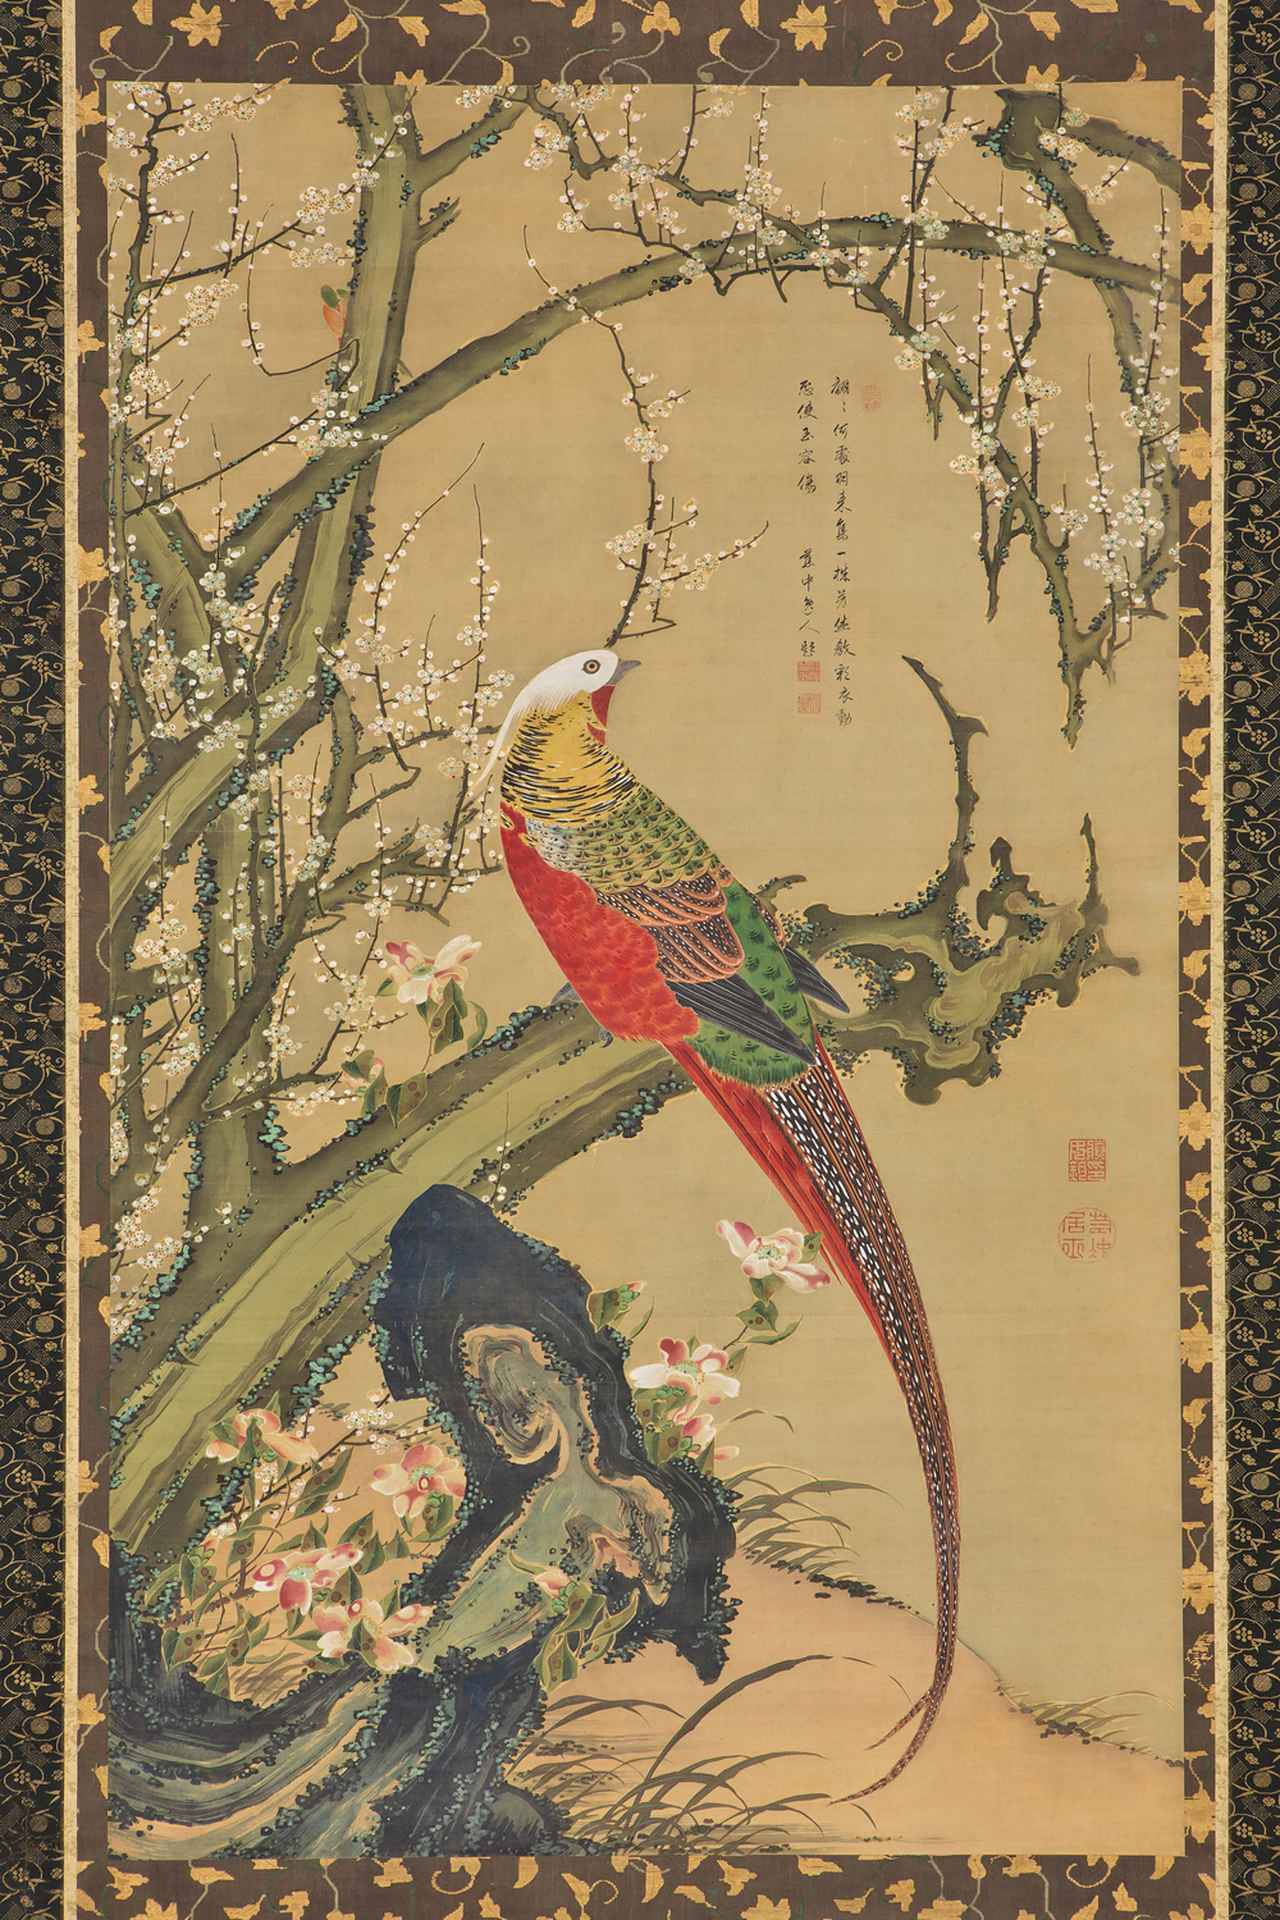 画像: 若冲筆「白梅錦鶏図」(はくばいきんけいず) 江戸時代 18世紀 絹本著色 一幅 縦139.8 横84.7cm 展示:10/11~10/29